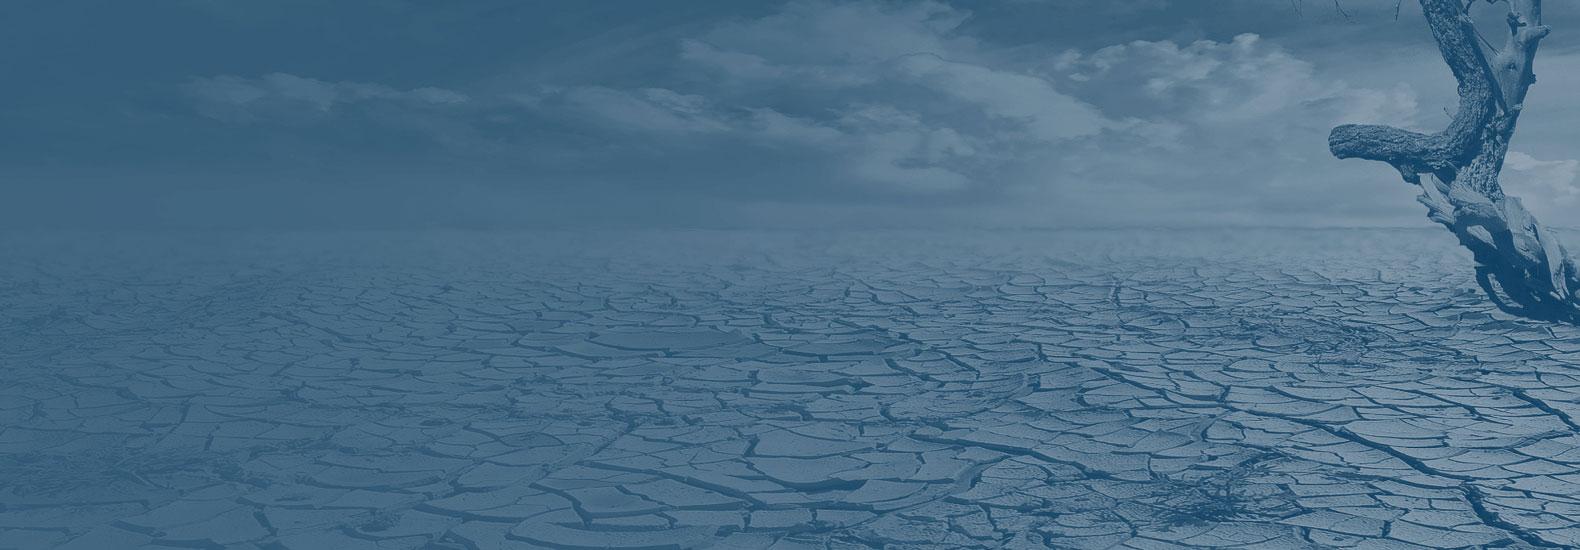 פרס פתרונות האקלים התוכנית: פרס פתרונות האקלים מוגש כדי לתמרץ ולהניע את החוקרים הטובים והמבריקים ביותר ו/או ארגונים ללא כוונת רווח בכל רחבי ישראל במימון השינוי במשבר האקלים.